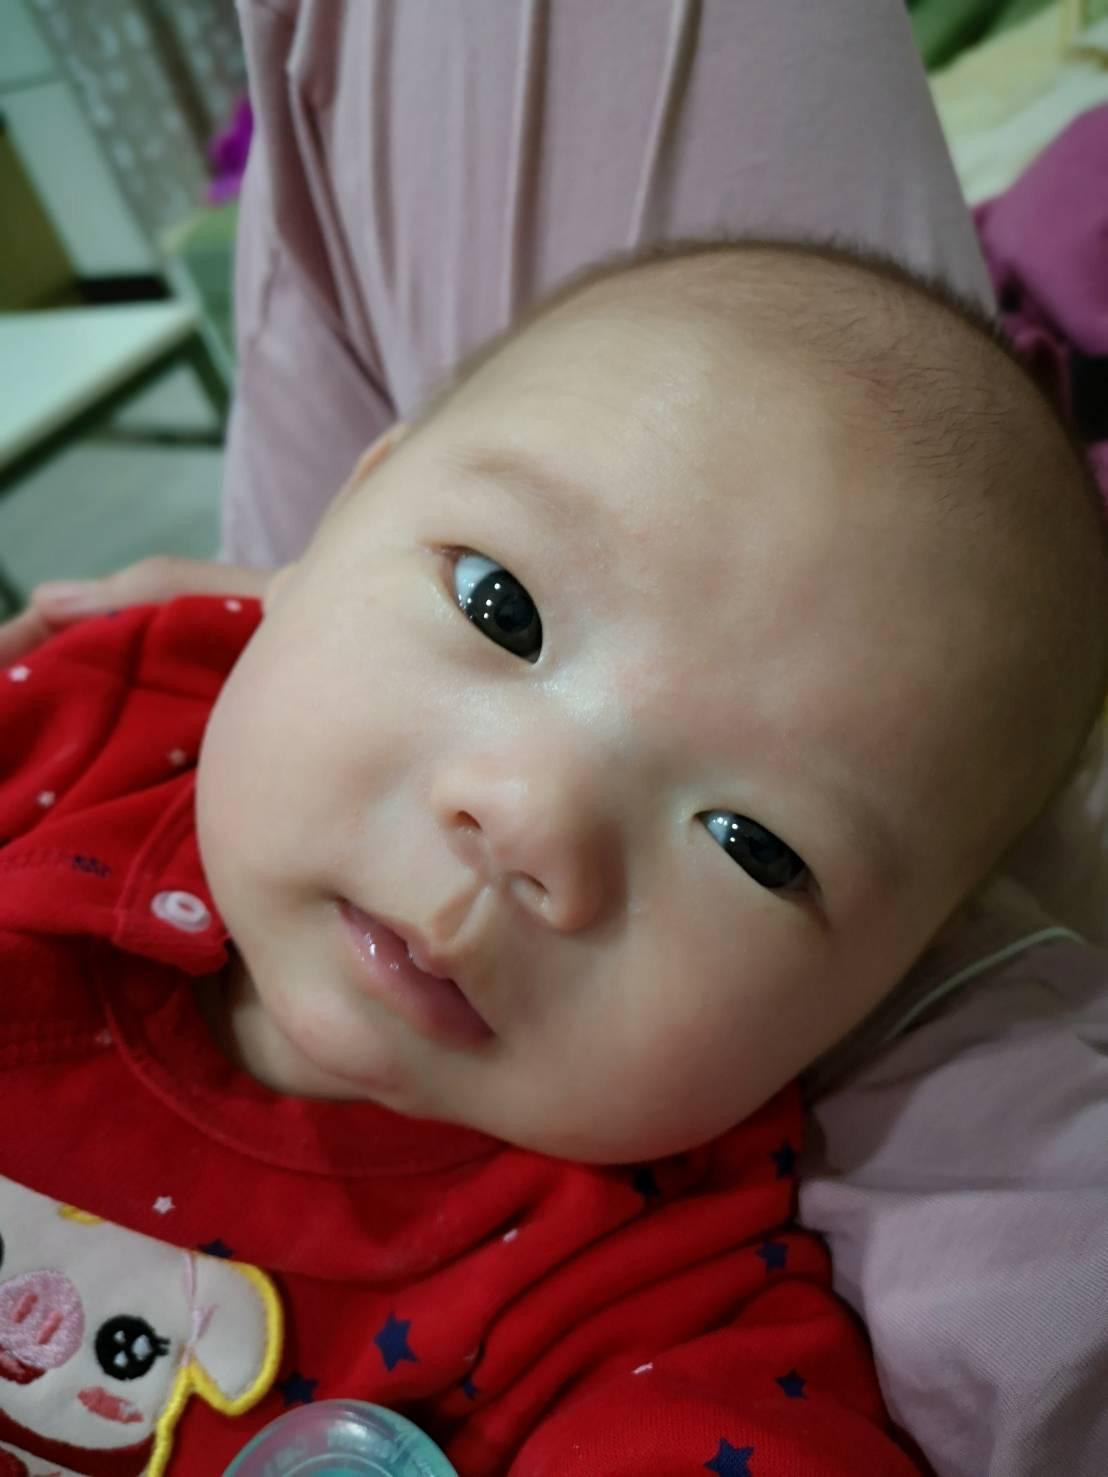 【親餵瓶餵分享】怎麼餵母奶心路歷程,寶寶1個月瓶餵轉親餵大成功 @小環妞 幸福足跡